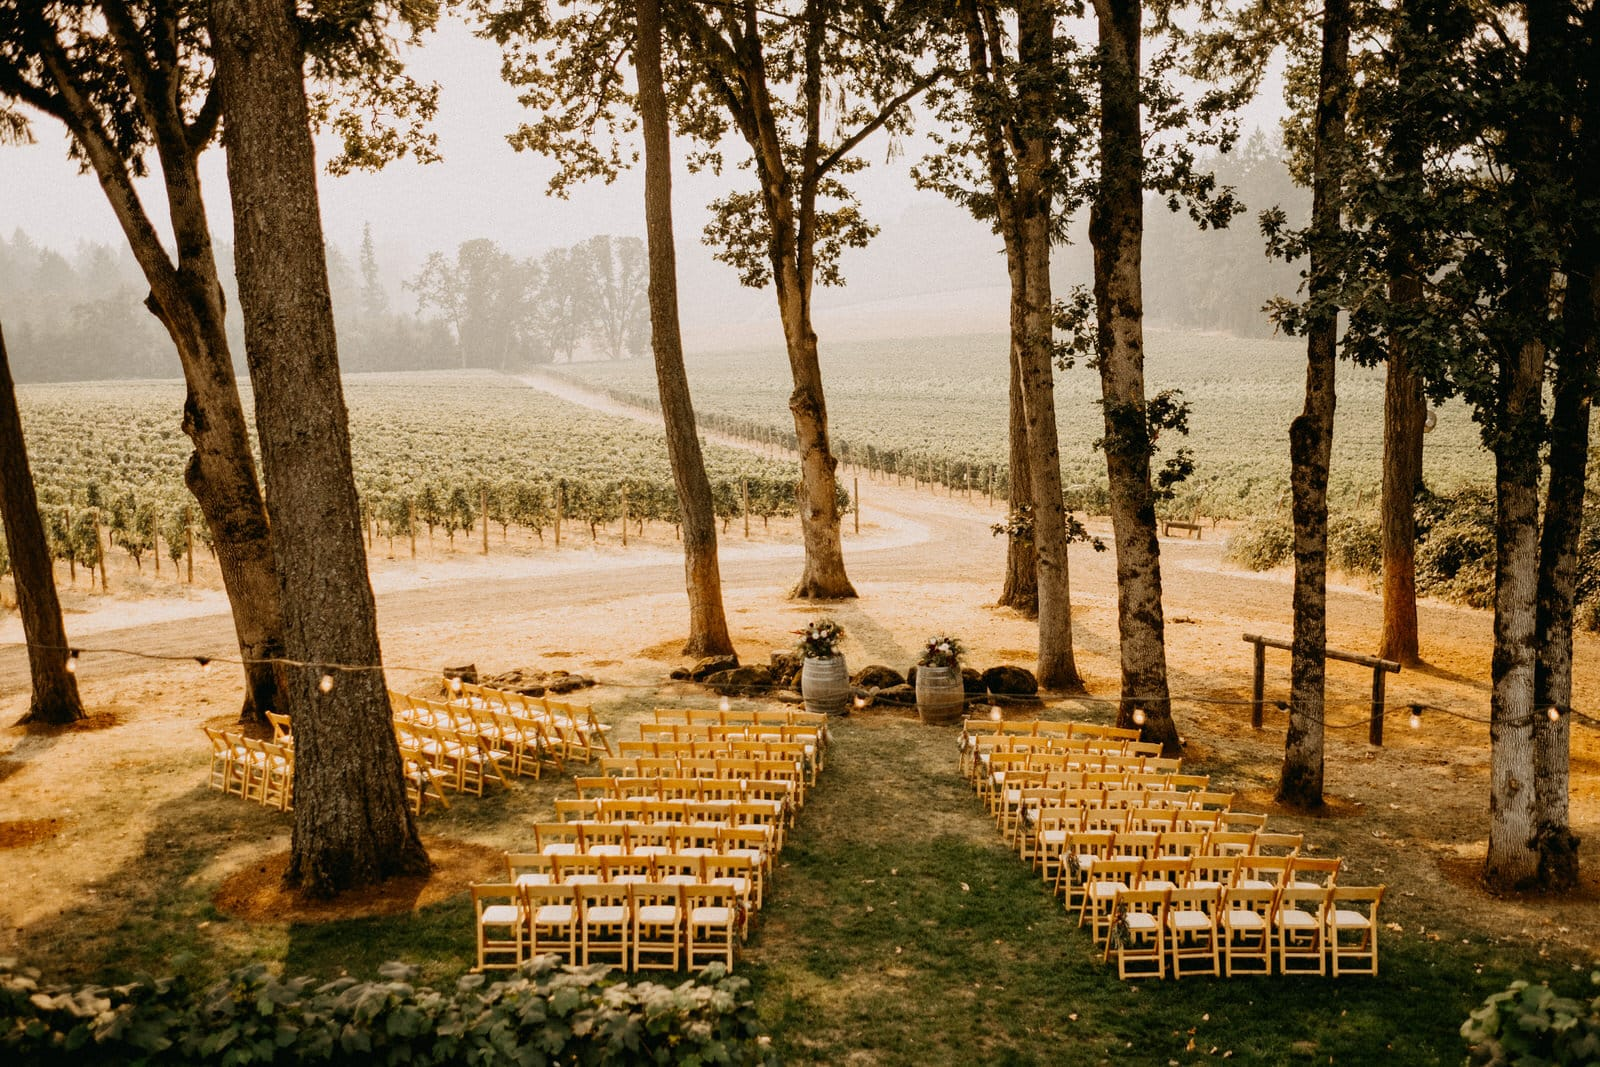 wedding at domaine de broglie in dayton oregon